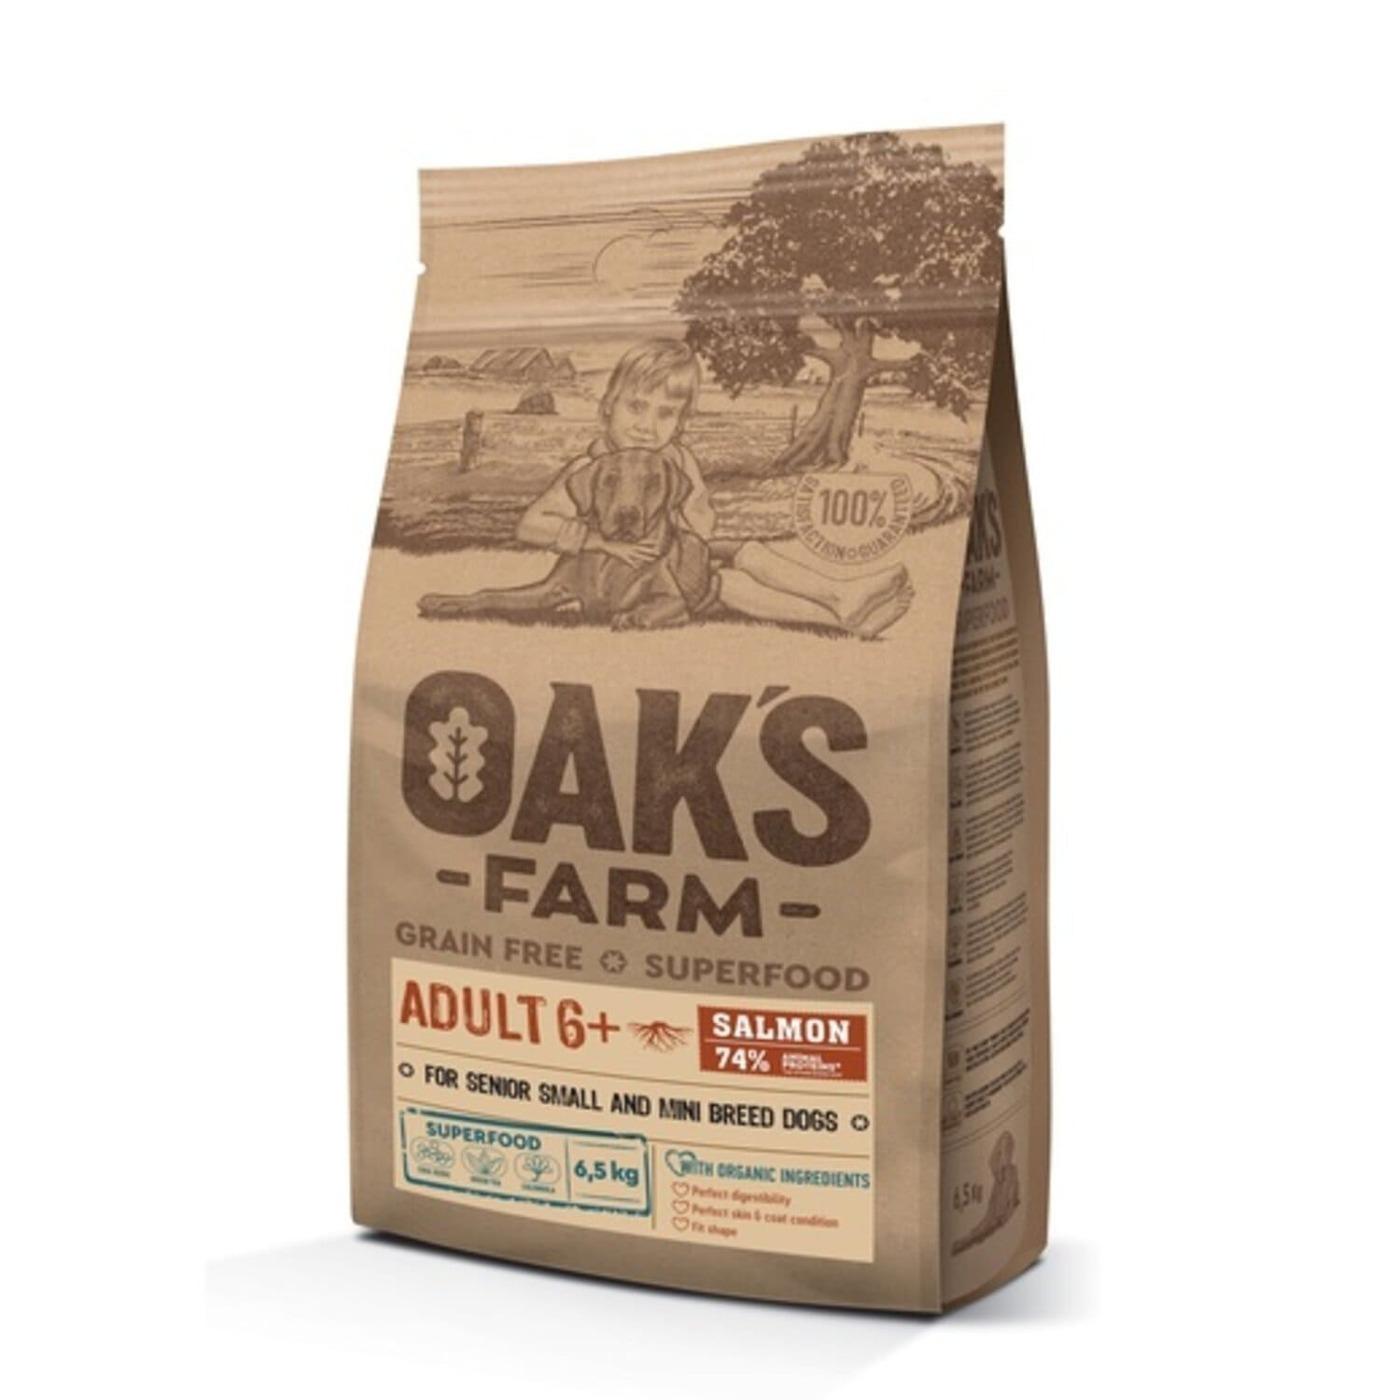 Oaks Farm GF сухой корм для собак 6+ мелких и карликовых пород, лосось 6,5 кг